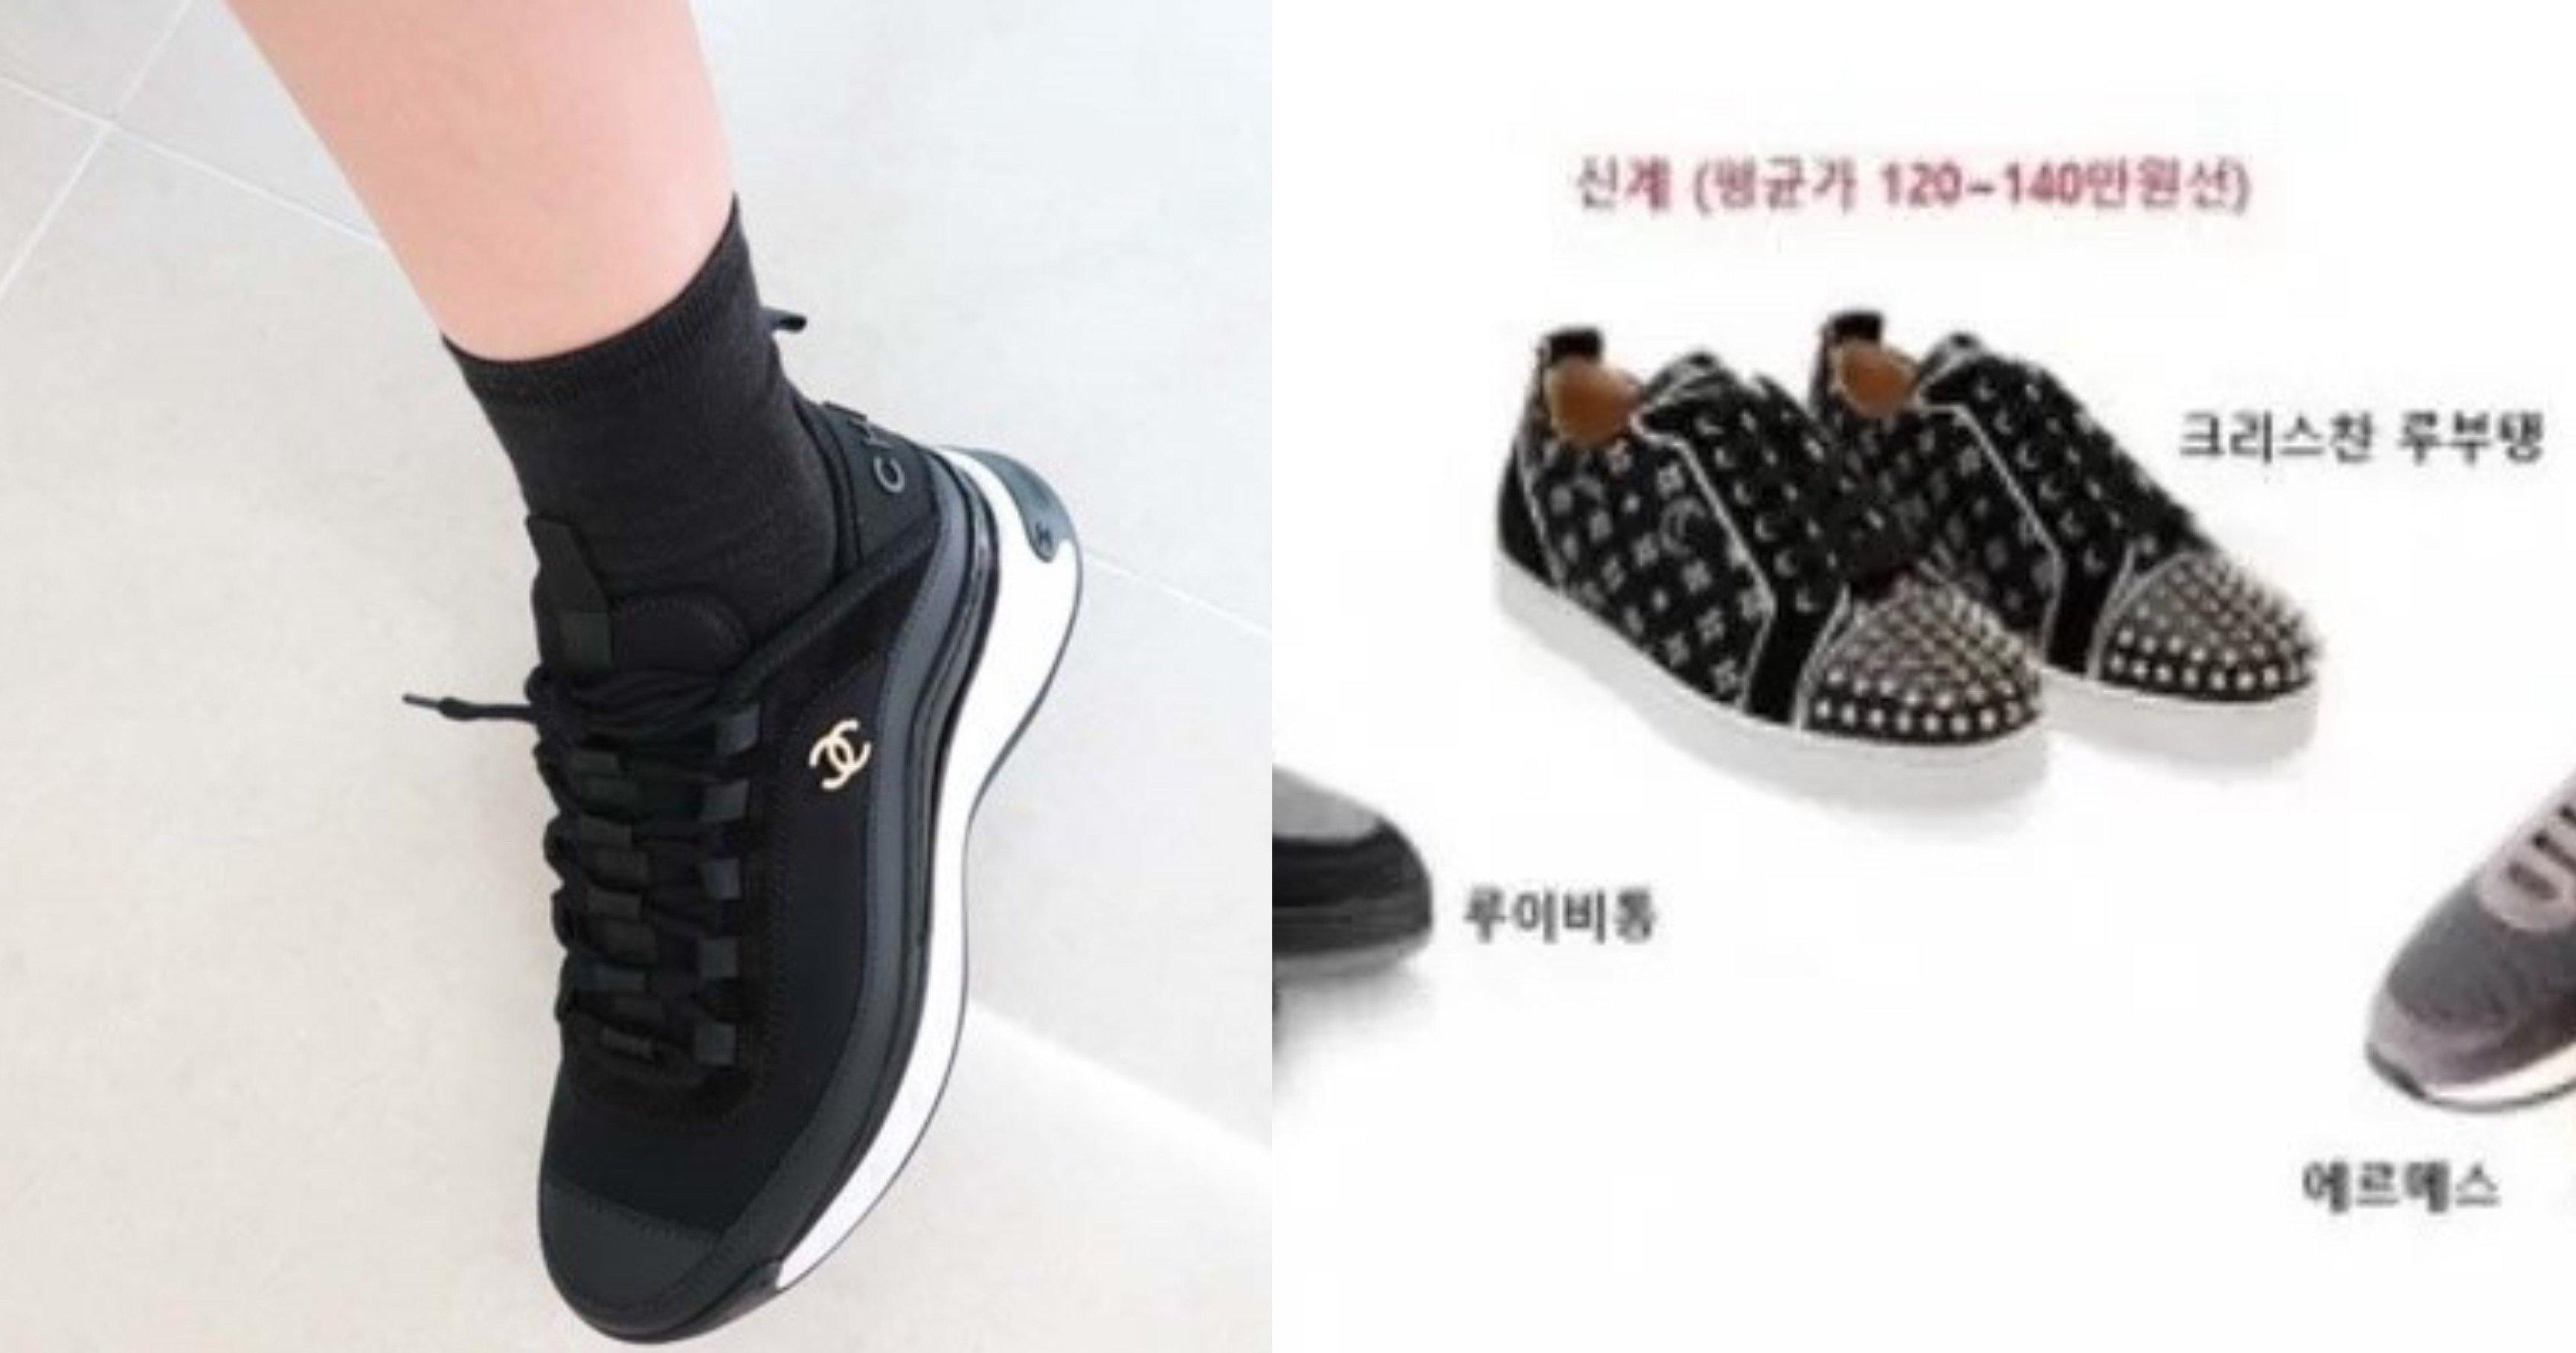 """6639187d d757 4d8f ae38 b7d36b7af163.jpeg?resize=412,232 - """"이젠 신발이야...?"""".. 패딩에 이어 신발까지 '서열화' 시킨 요즘 10대들의 신발 계급도 (+사진)"""